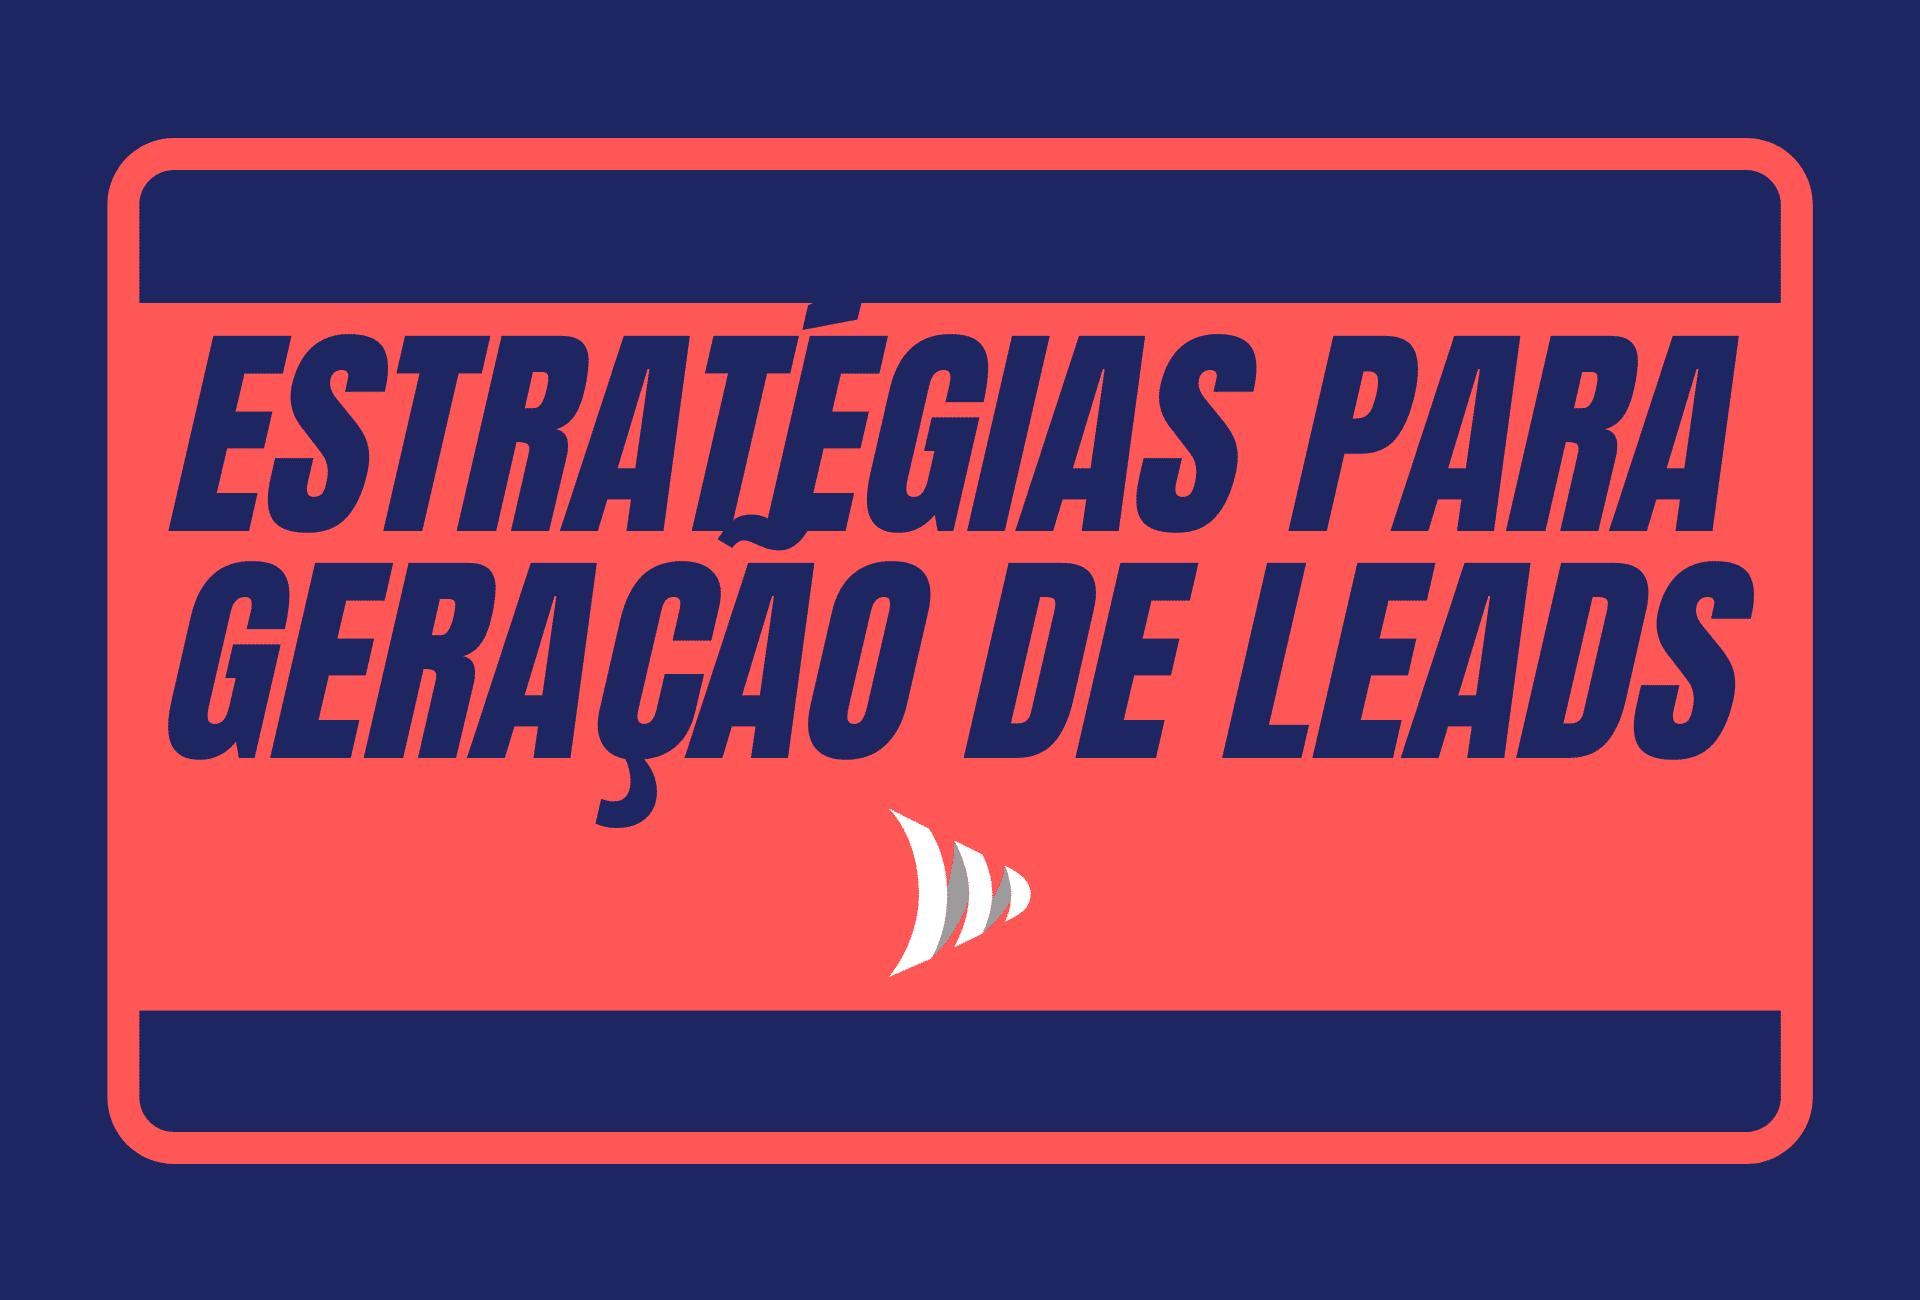 Estratégias para Geração de Leads